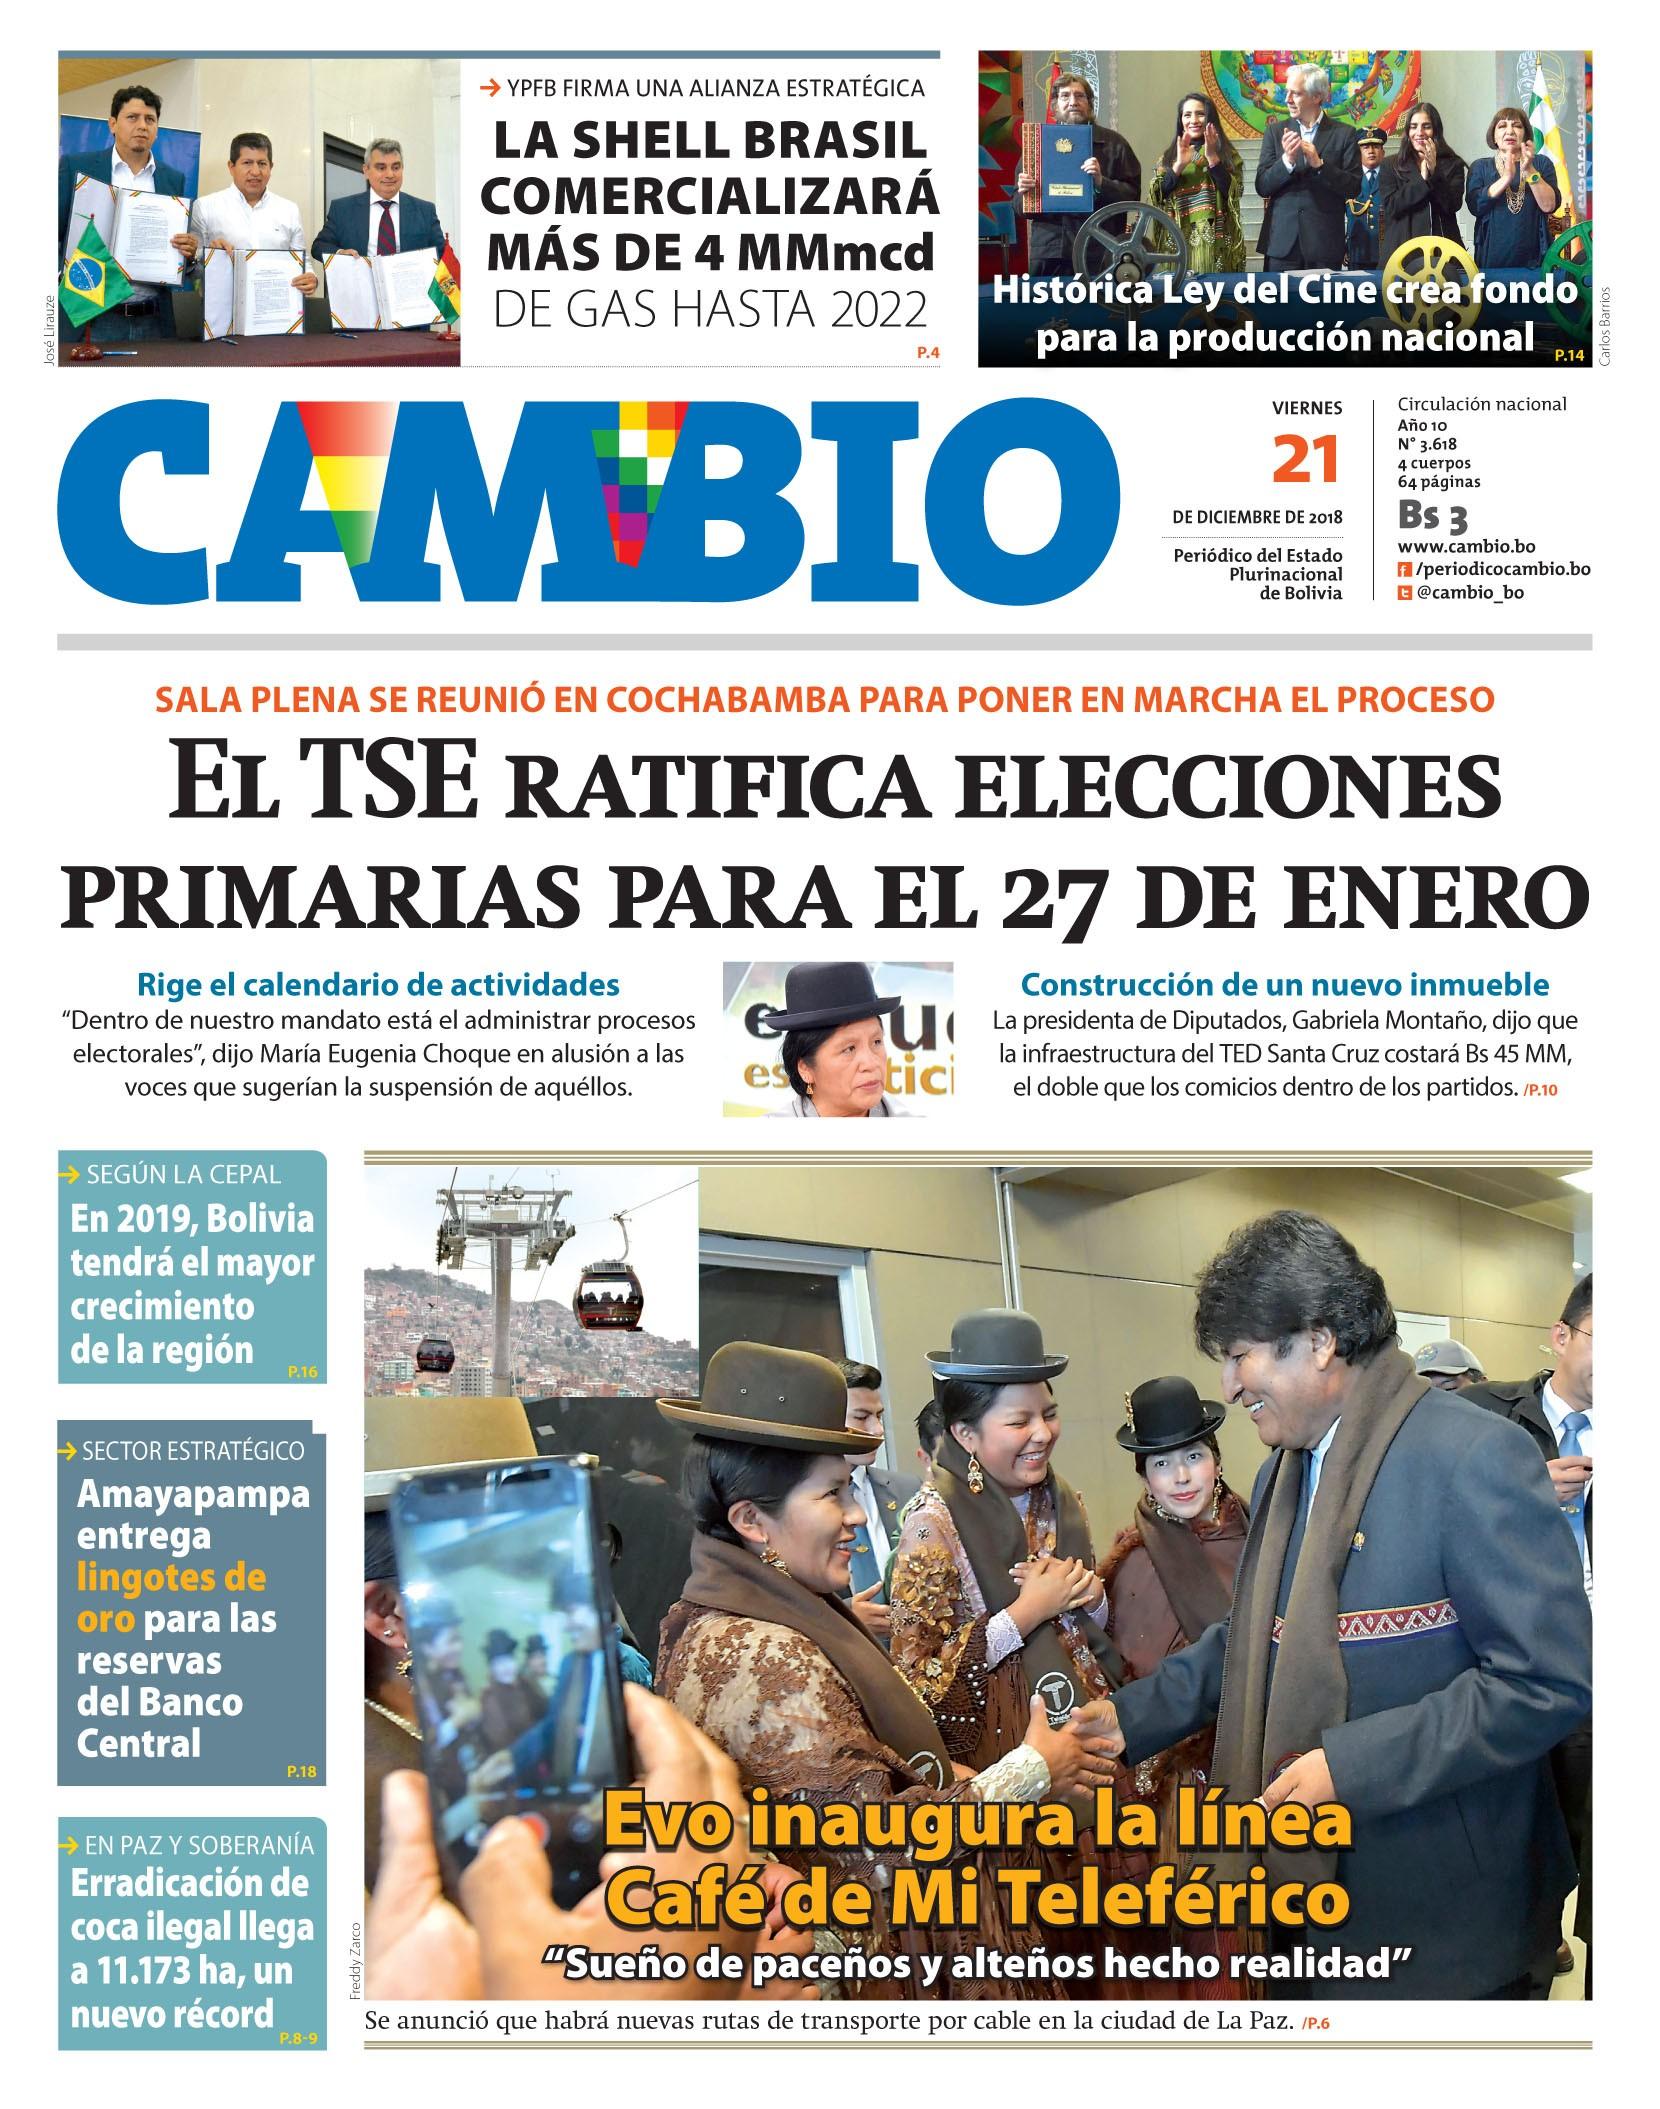 Calendario Febrero 2019 Bolivia Recientes Abi Agencia Boliviana De Informaci³n V2019 Of Calendario Febrero 2019 Bolivia Actual Abi Agencia Boliviana De Informaci³n V2018